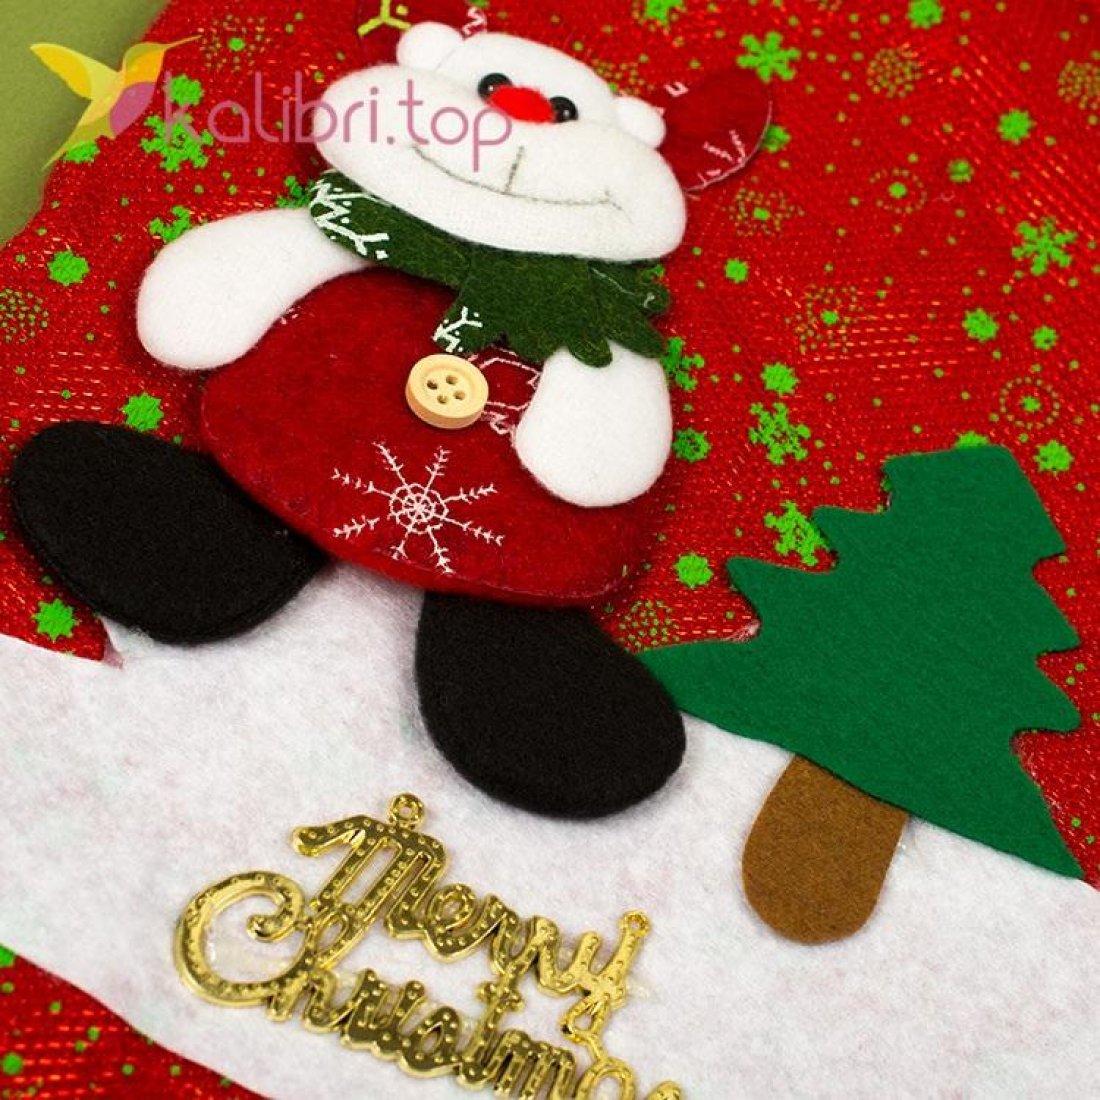 Сапожок для подарков большой микс 4, оптом фото 2